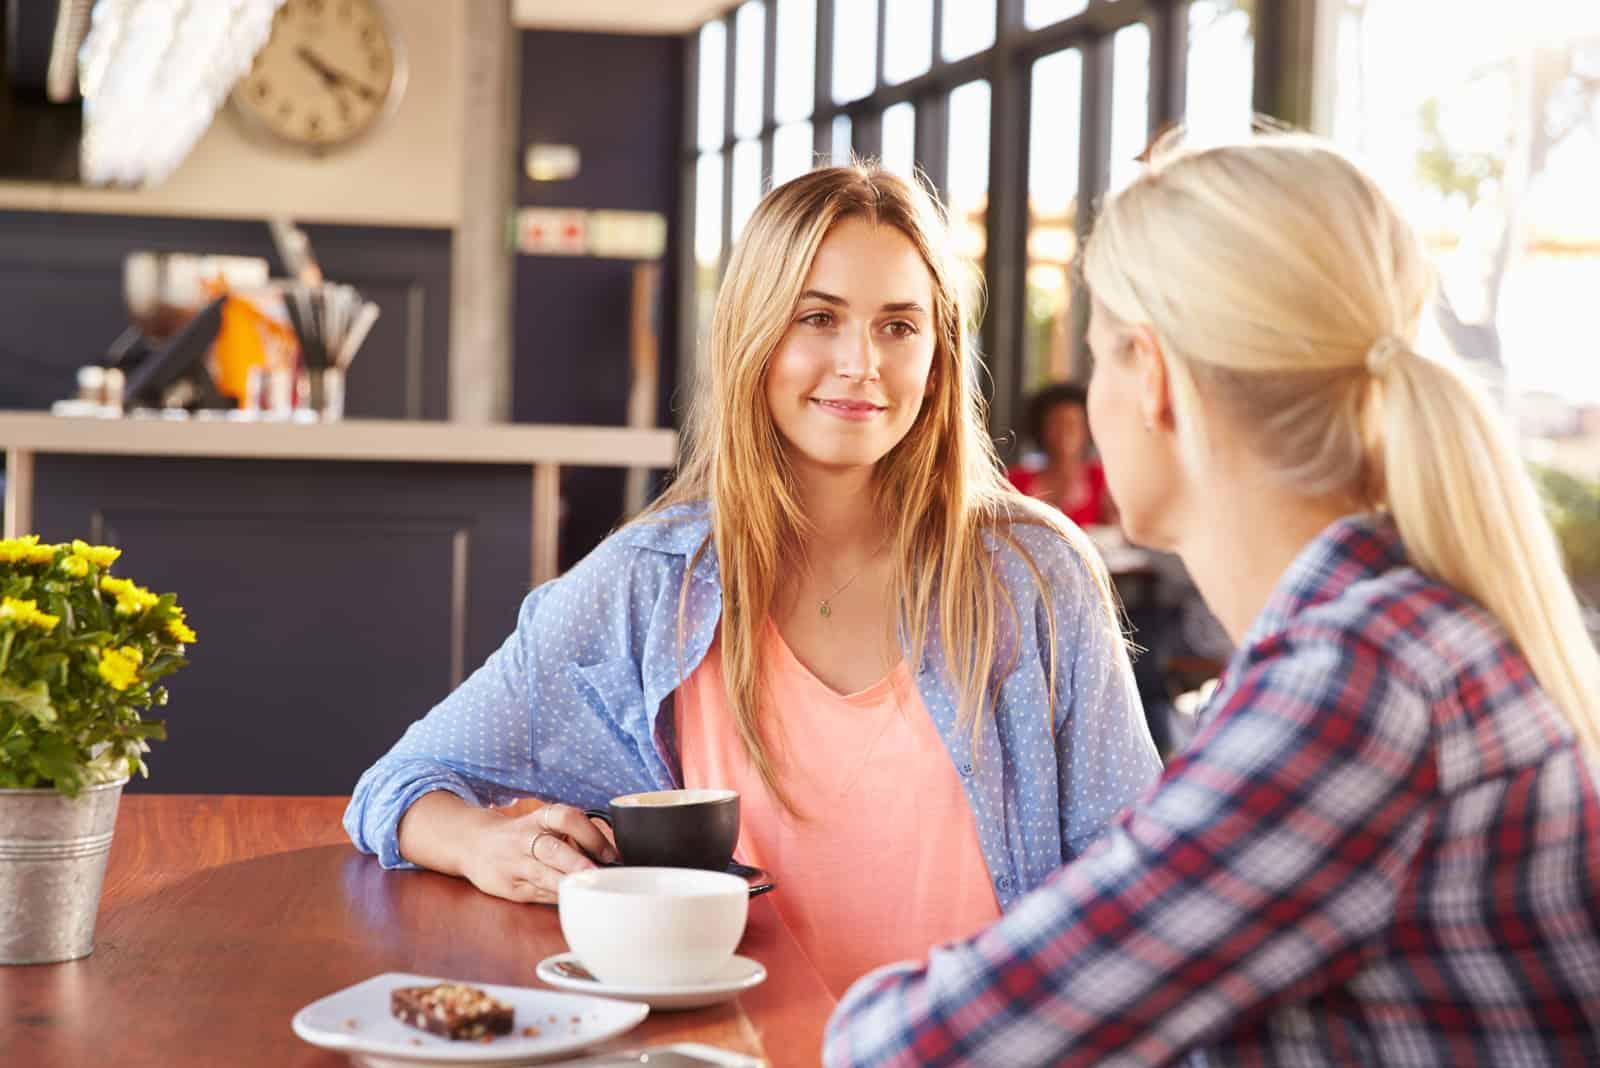 deux amis s'assoient et parlent autour d'un café